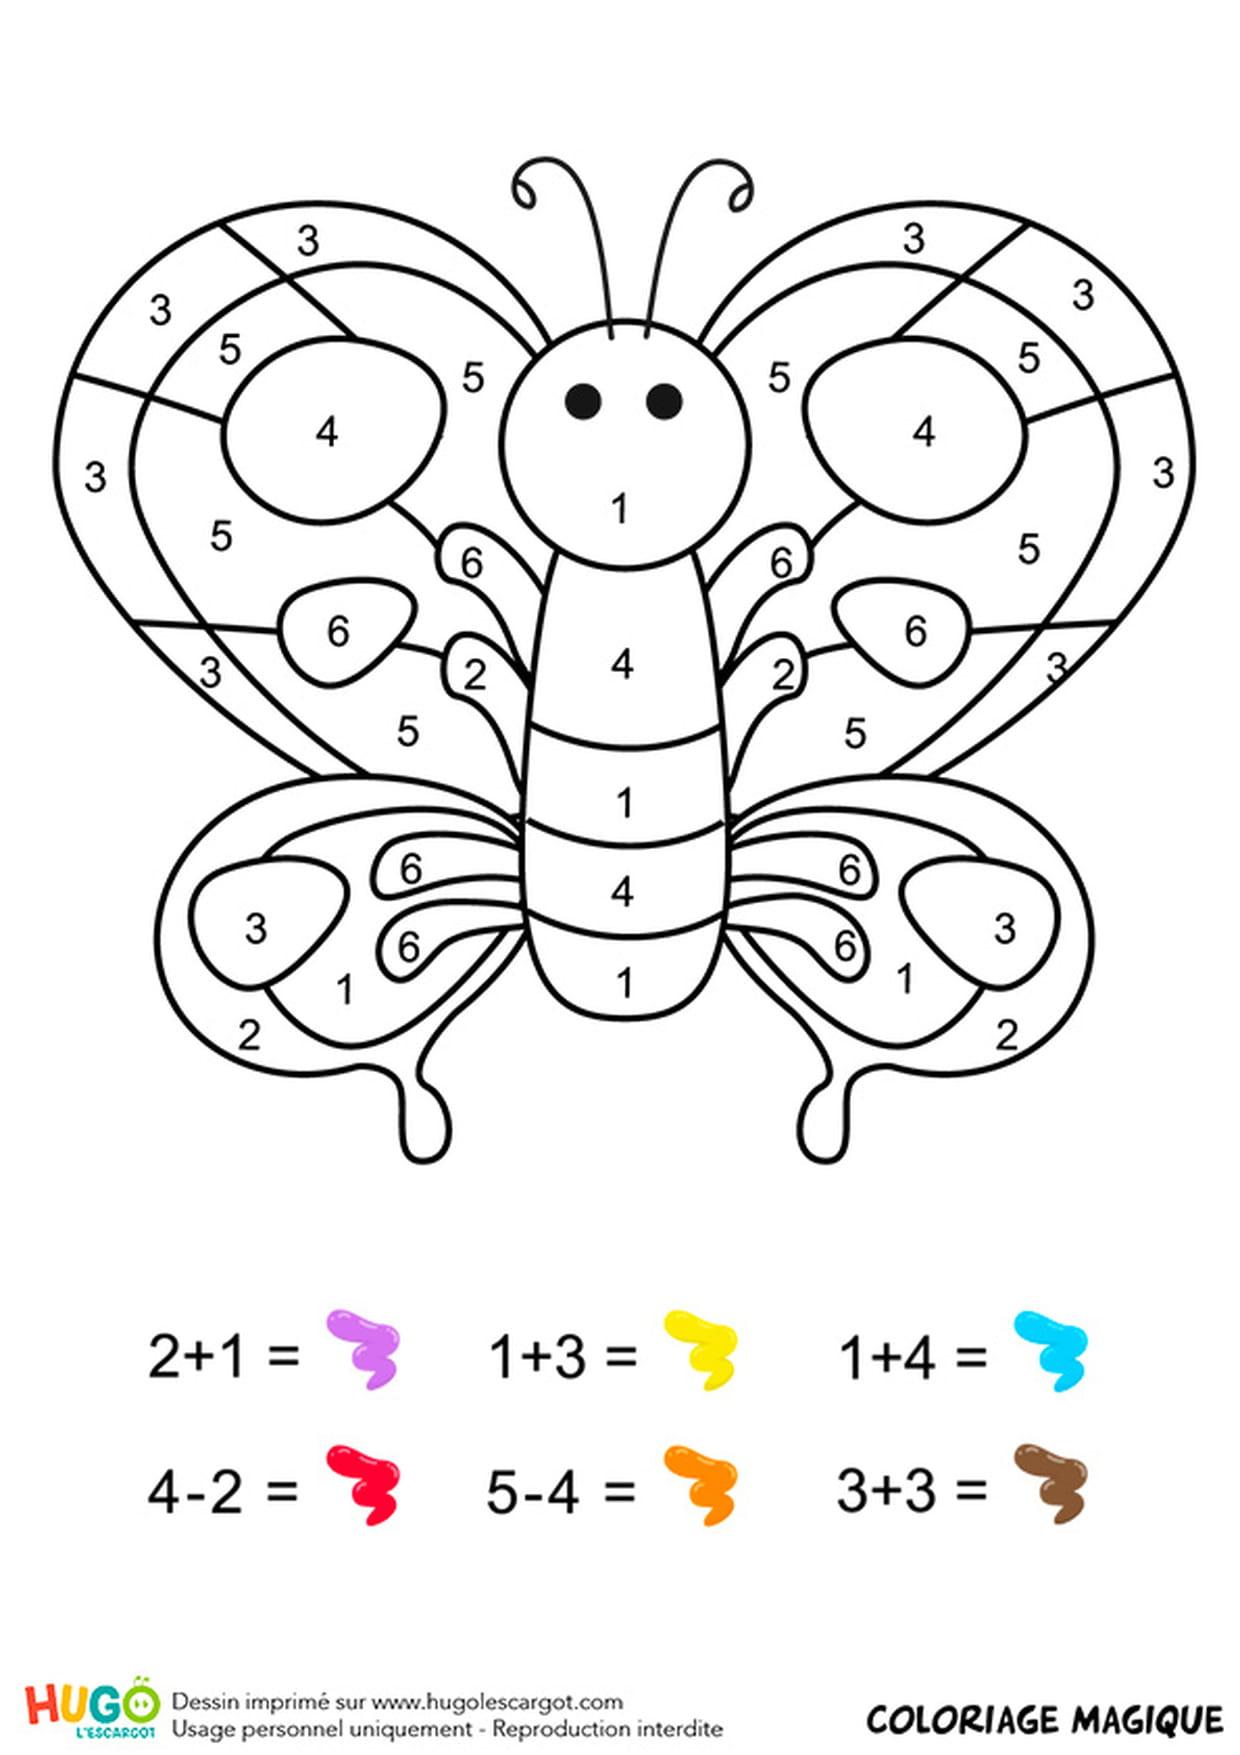 Coloriage Magique Cp : Un Papillon Multicolore intérieur Coloriage Magique Cp Calcul